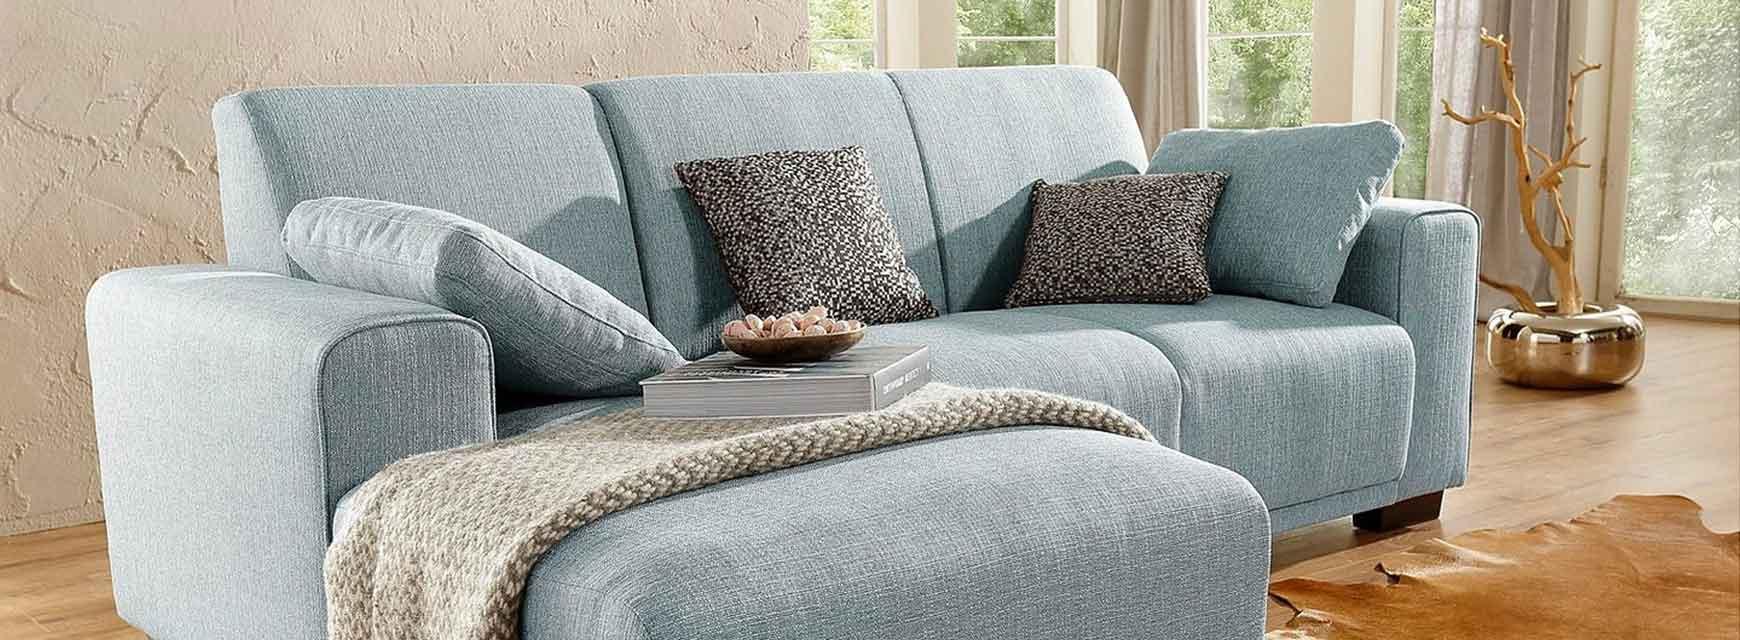 Full Size of Leinen Sofa Landhausstil Landhaus Couch Online Kaufen Naturloftde Luxus Indomo Grau Stoff L Form Türkische Big Mit Bettkasten 2 Sitzer München Kolonialstil Sofa Leinen Sofa